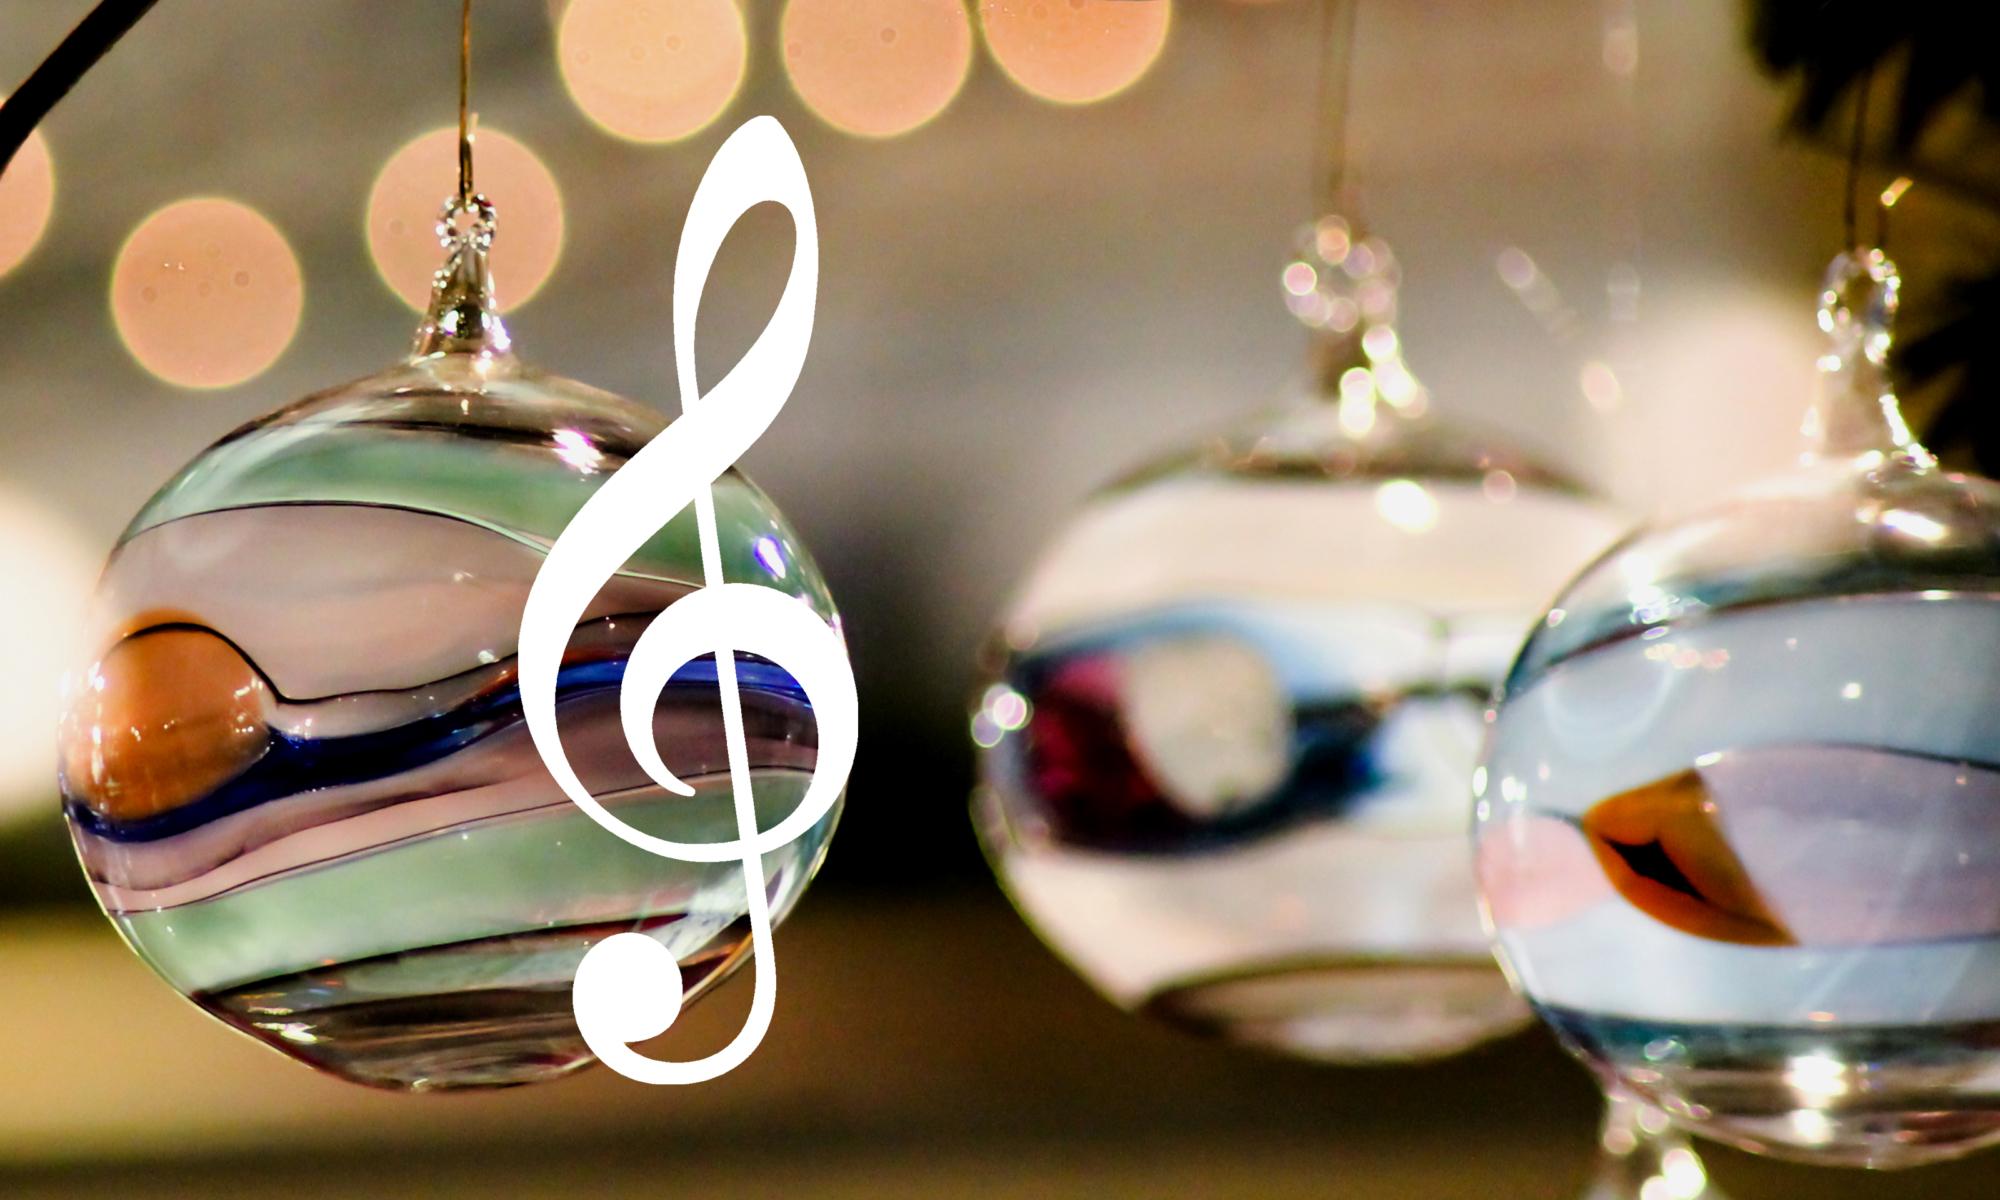 Werglaubtistnieallein Musik Singen Tagzeitenliturgien Advent